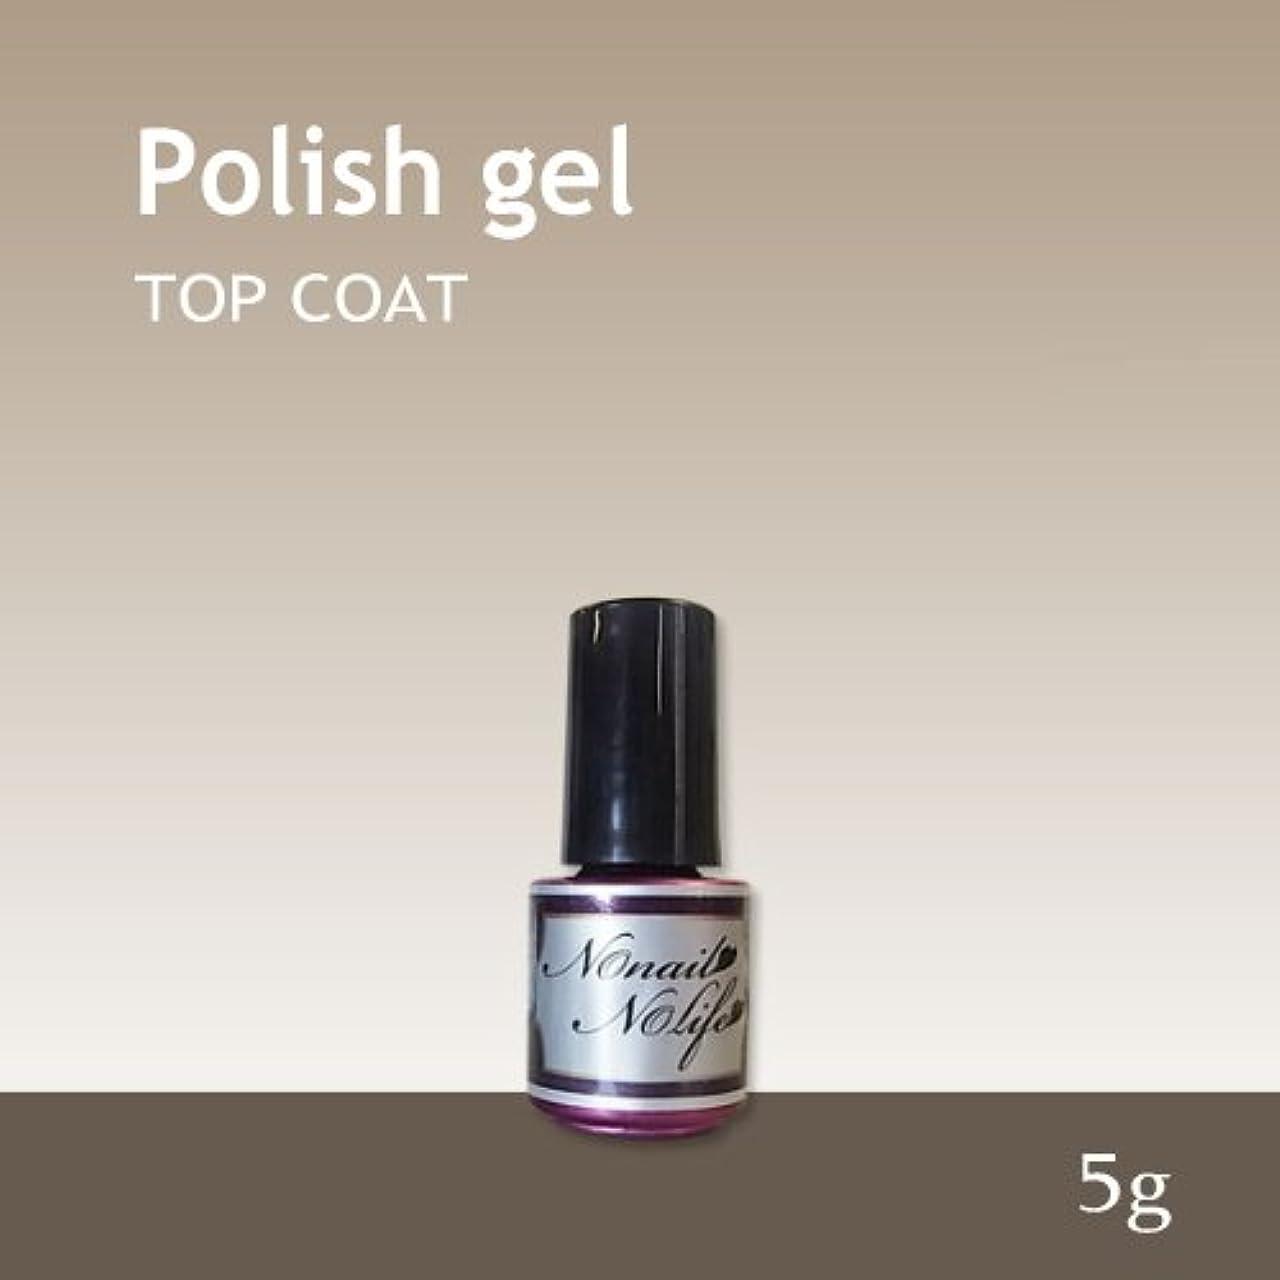 エンジン不適当スチュワーデスジェルネイル《爪に優しいトップコートジェル》Natural Polish ポリッシュトップジェル(5g)